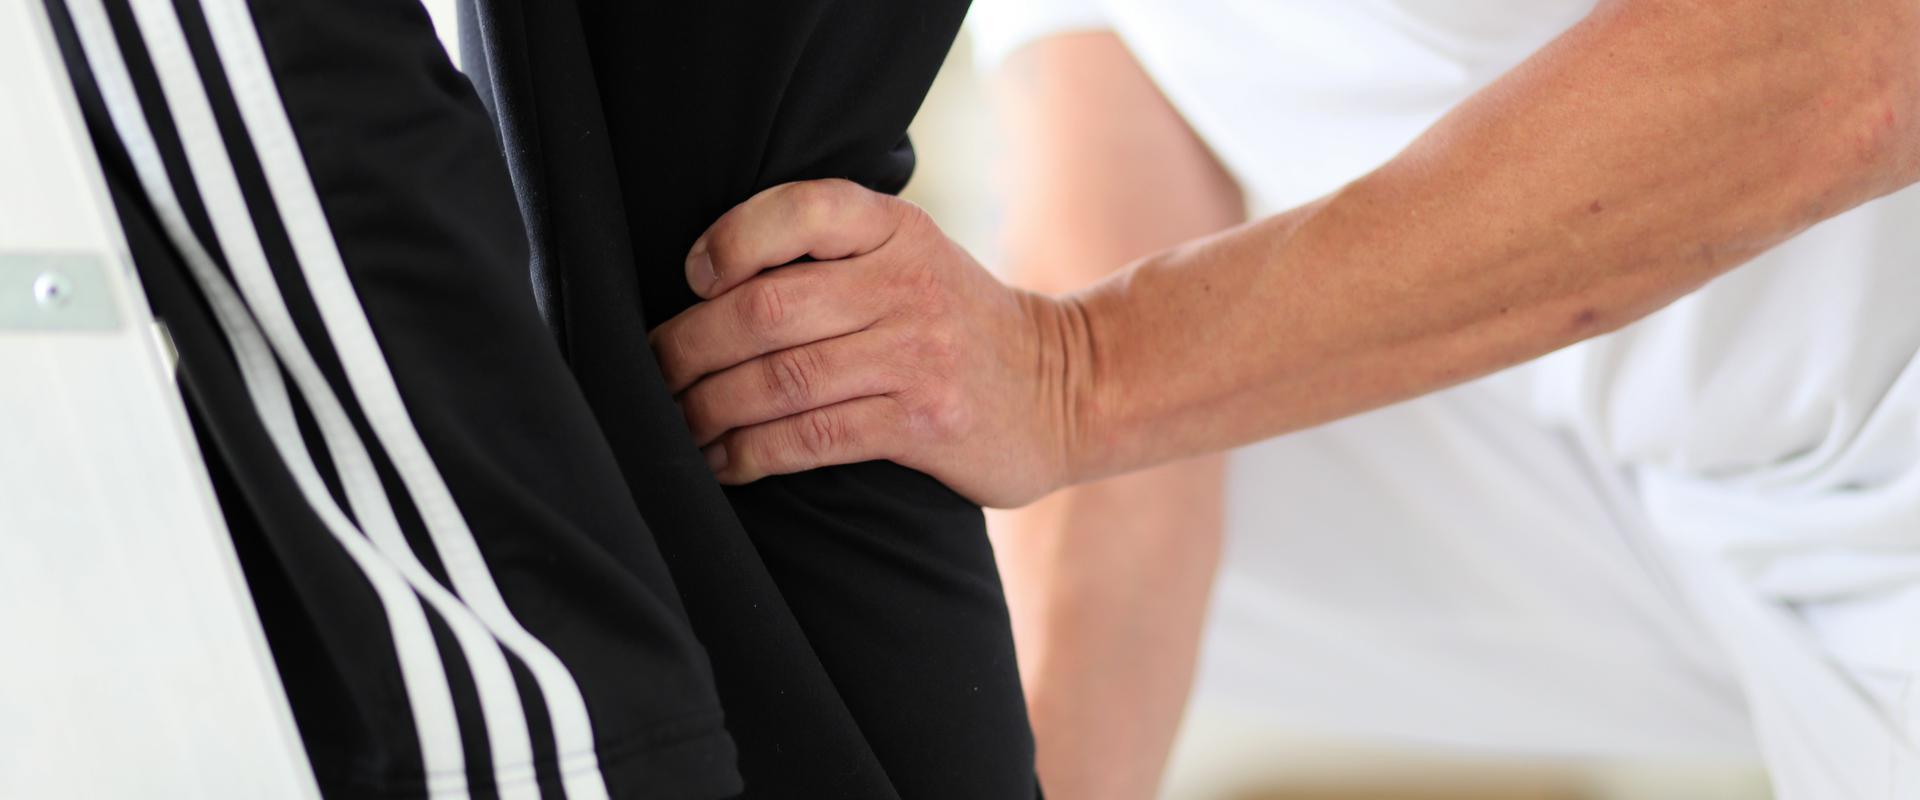 Patient wird von einem Therapeuten am Bein untersucht in der MEDIAN Klinik NRZ Magdeburg